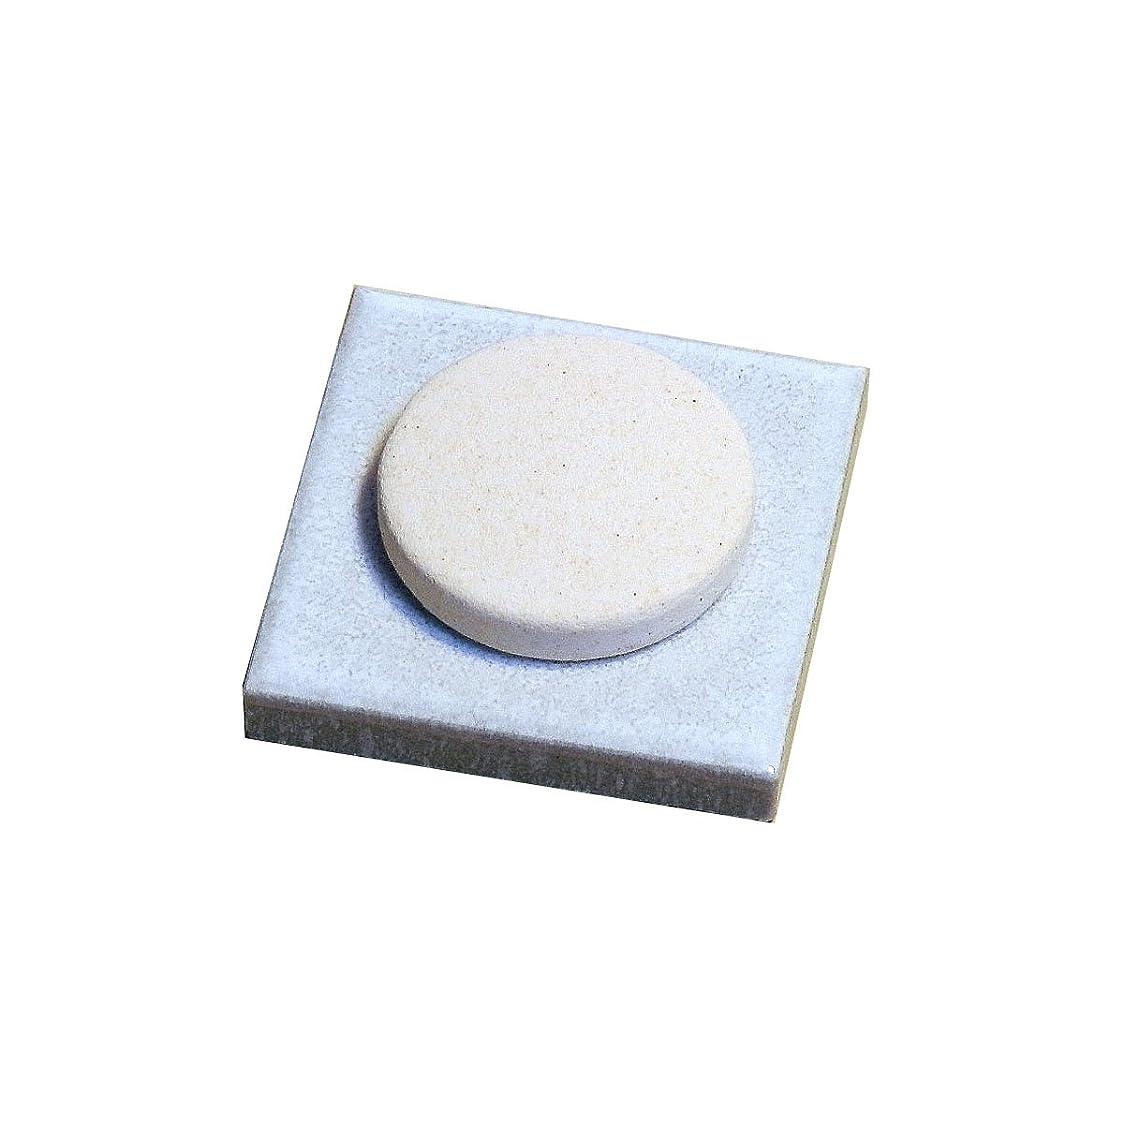 自動的にシャックル研磨〔立風屋〕珪藻土アロマプレート美濃焼タイルセット ホワイト(白) RPAP-01003-WT